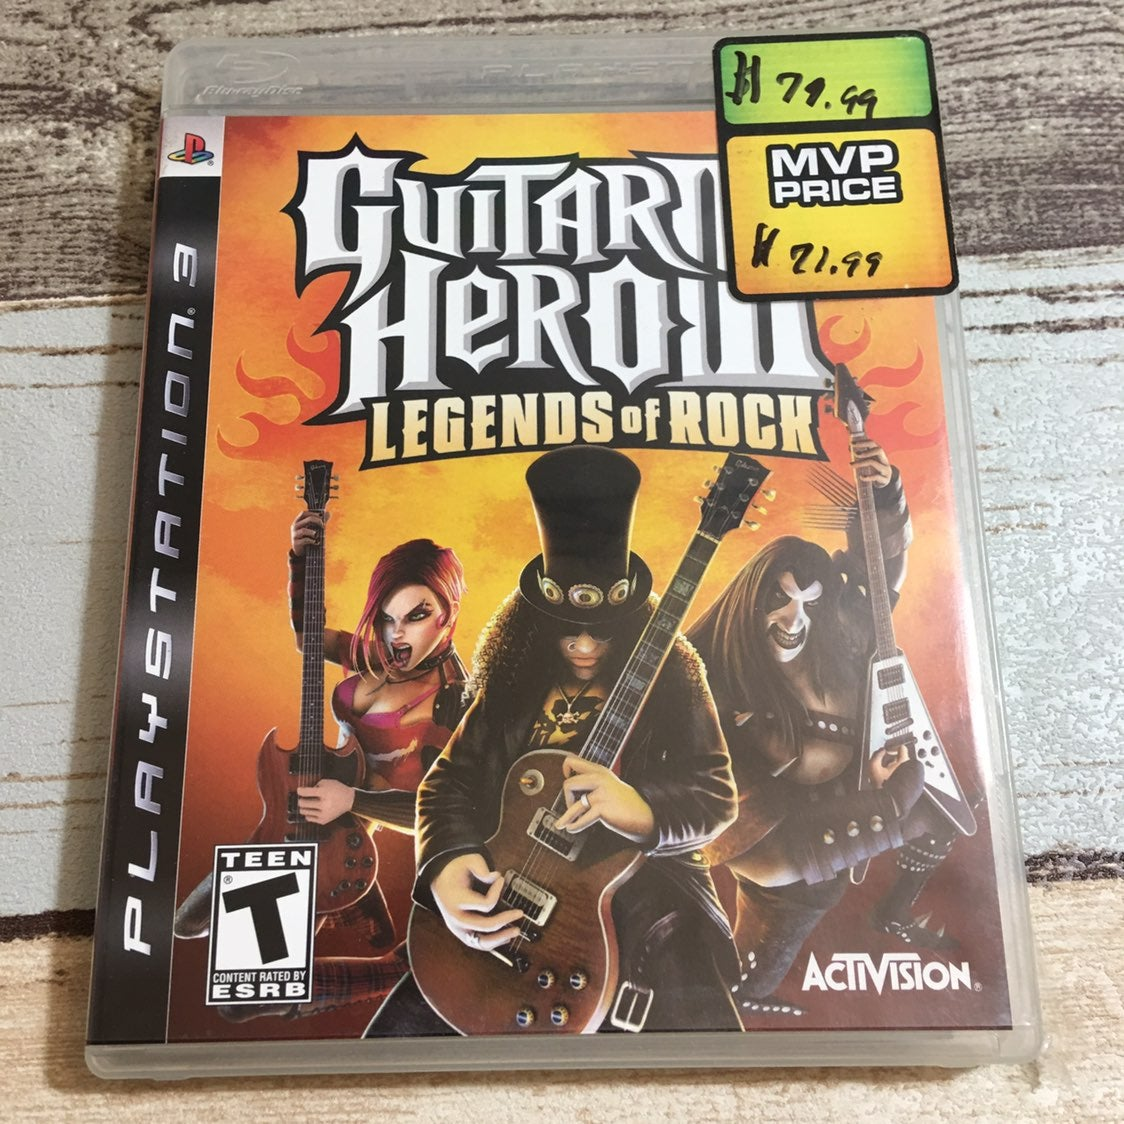 PS3 Guitar Hero III Legends of Rock Game